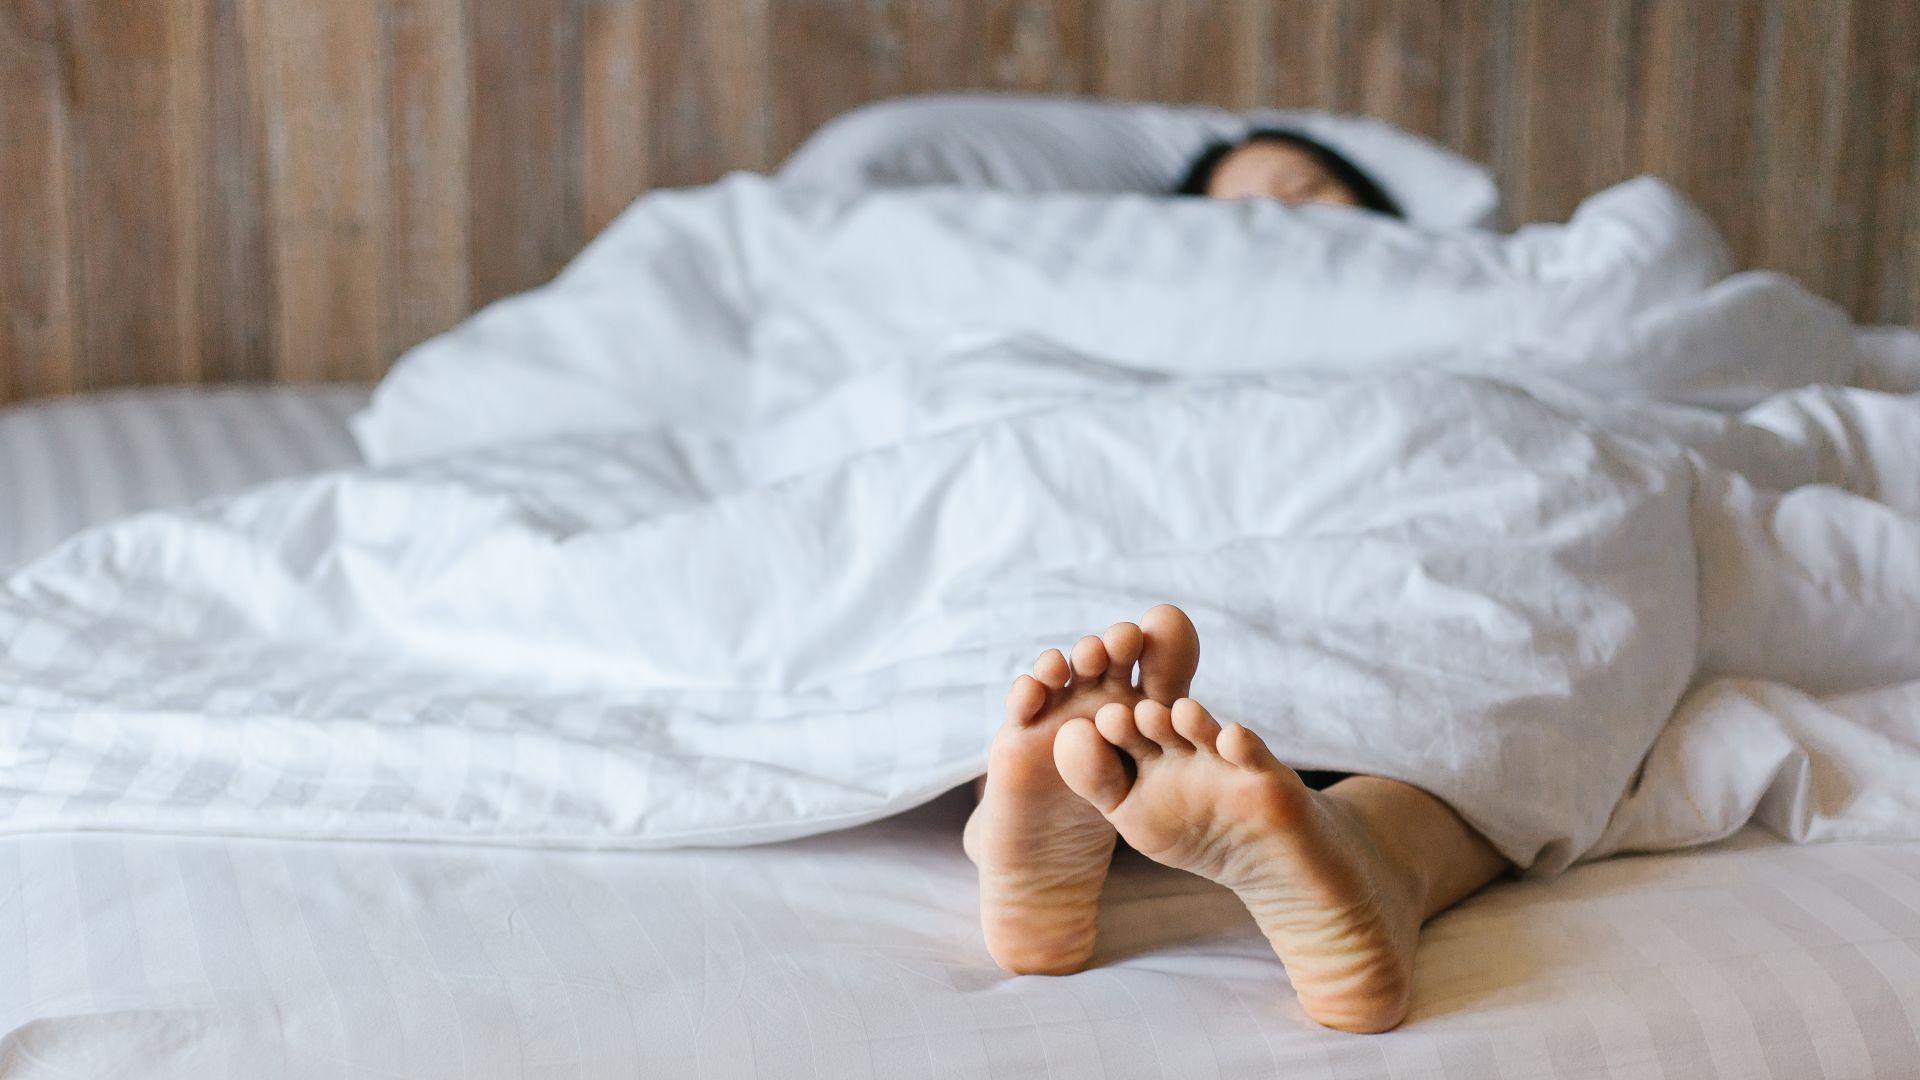 睡夢中會不自覺抖腳?「不寧腿」死亡風險比一般人高40%